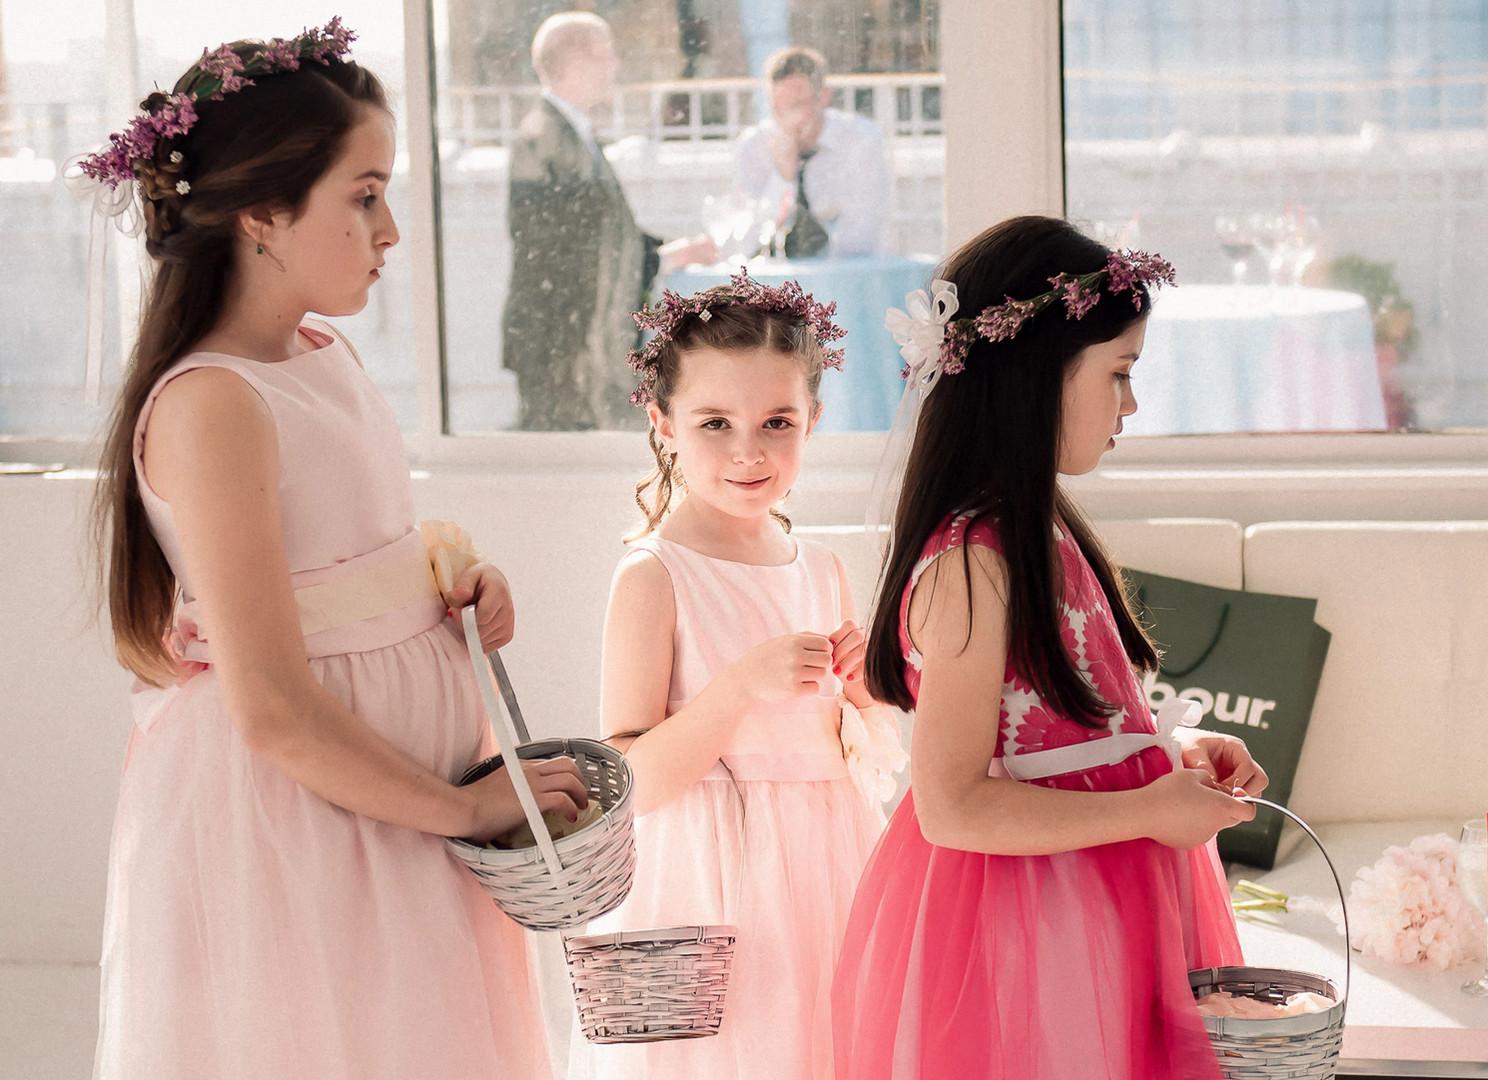 weddings-9-2.jpg